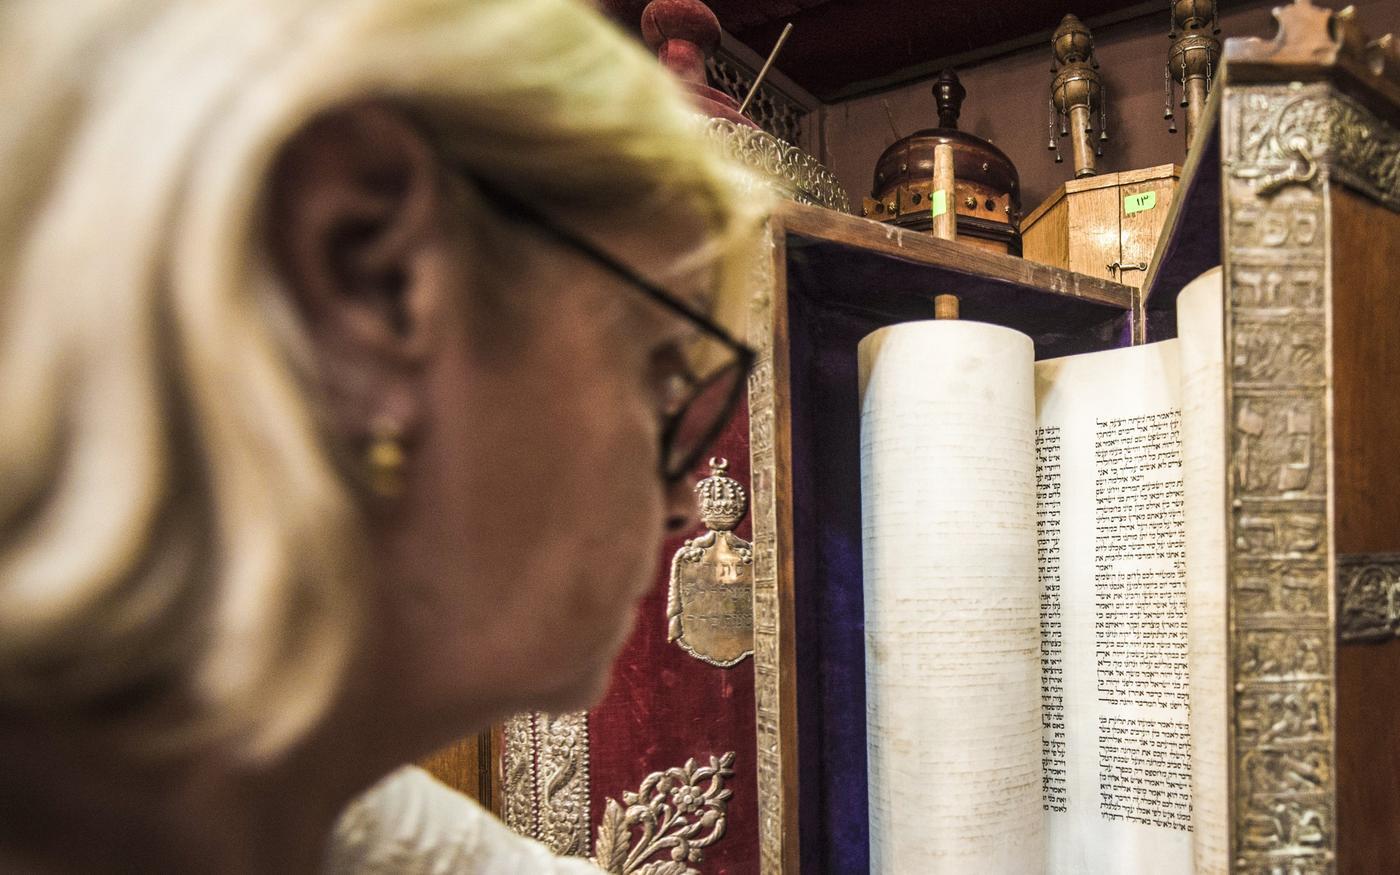 La présidente de la communauté juive égyptienne, Magda Shehata Haroun, dans la synagogue Cha'ar HaChamaïm du Caire, le 3 octobre 2013 (AFP)